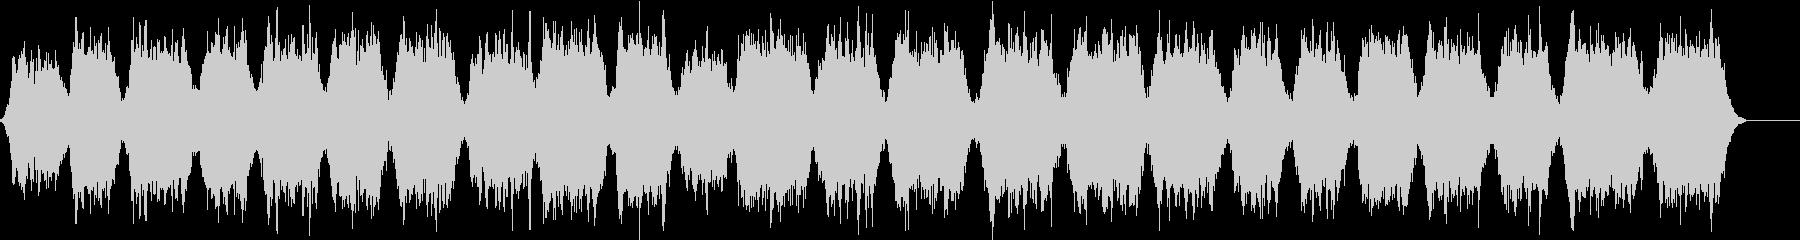 波の音が入ったリラックスできる曲の未再生の波形